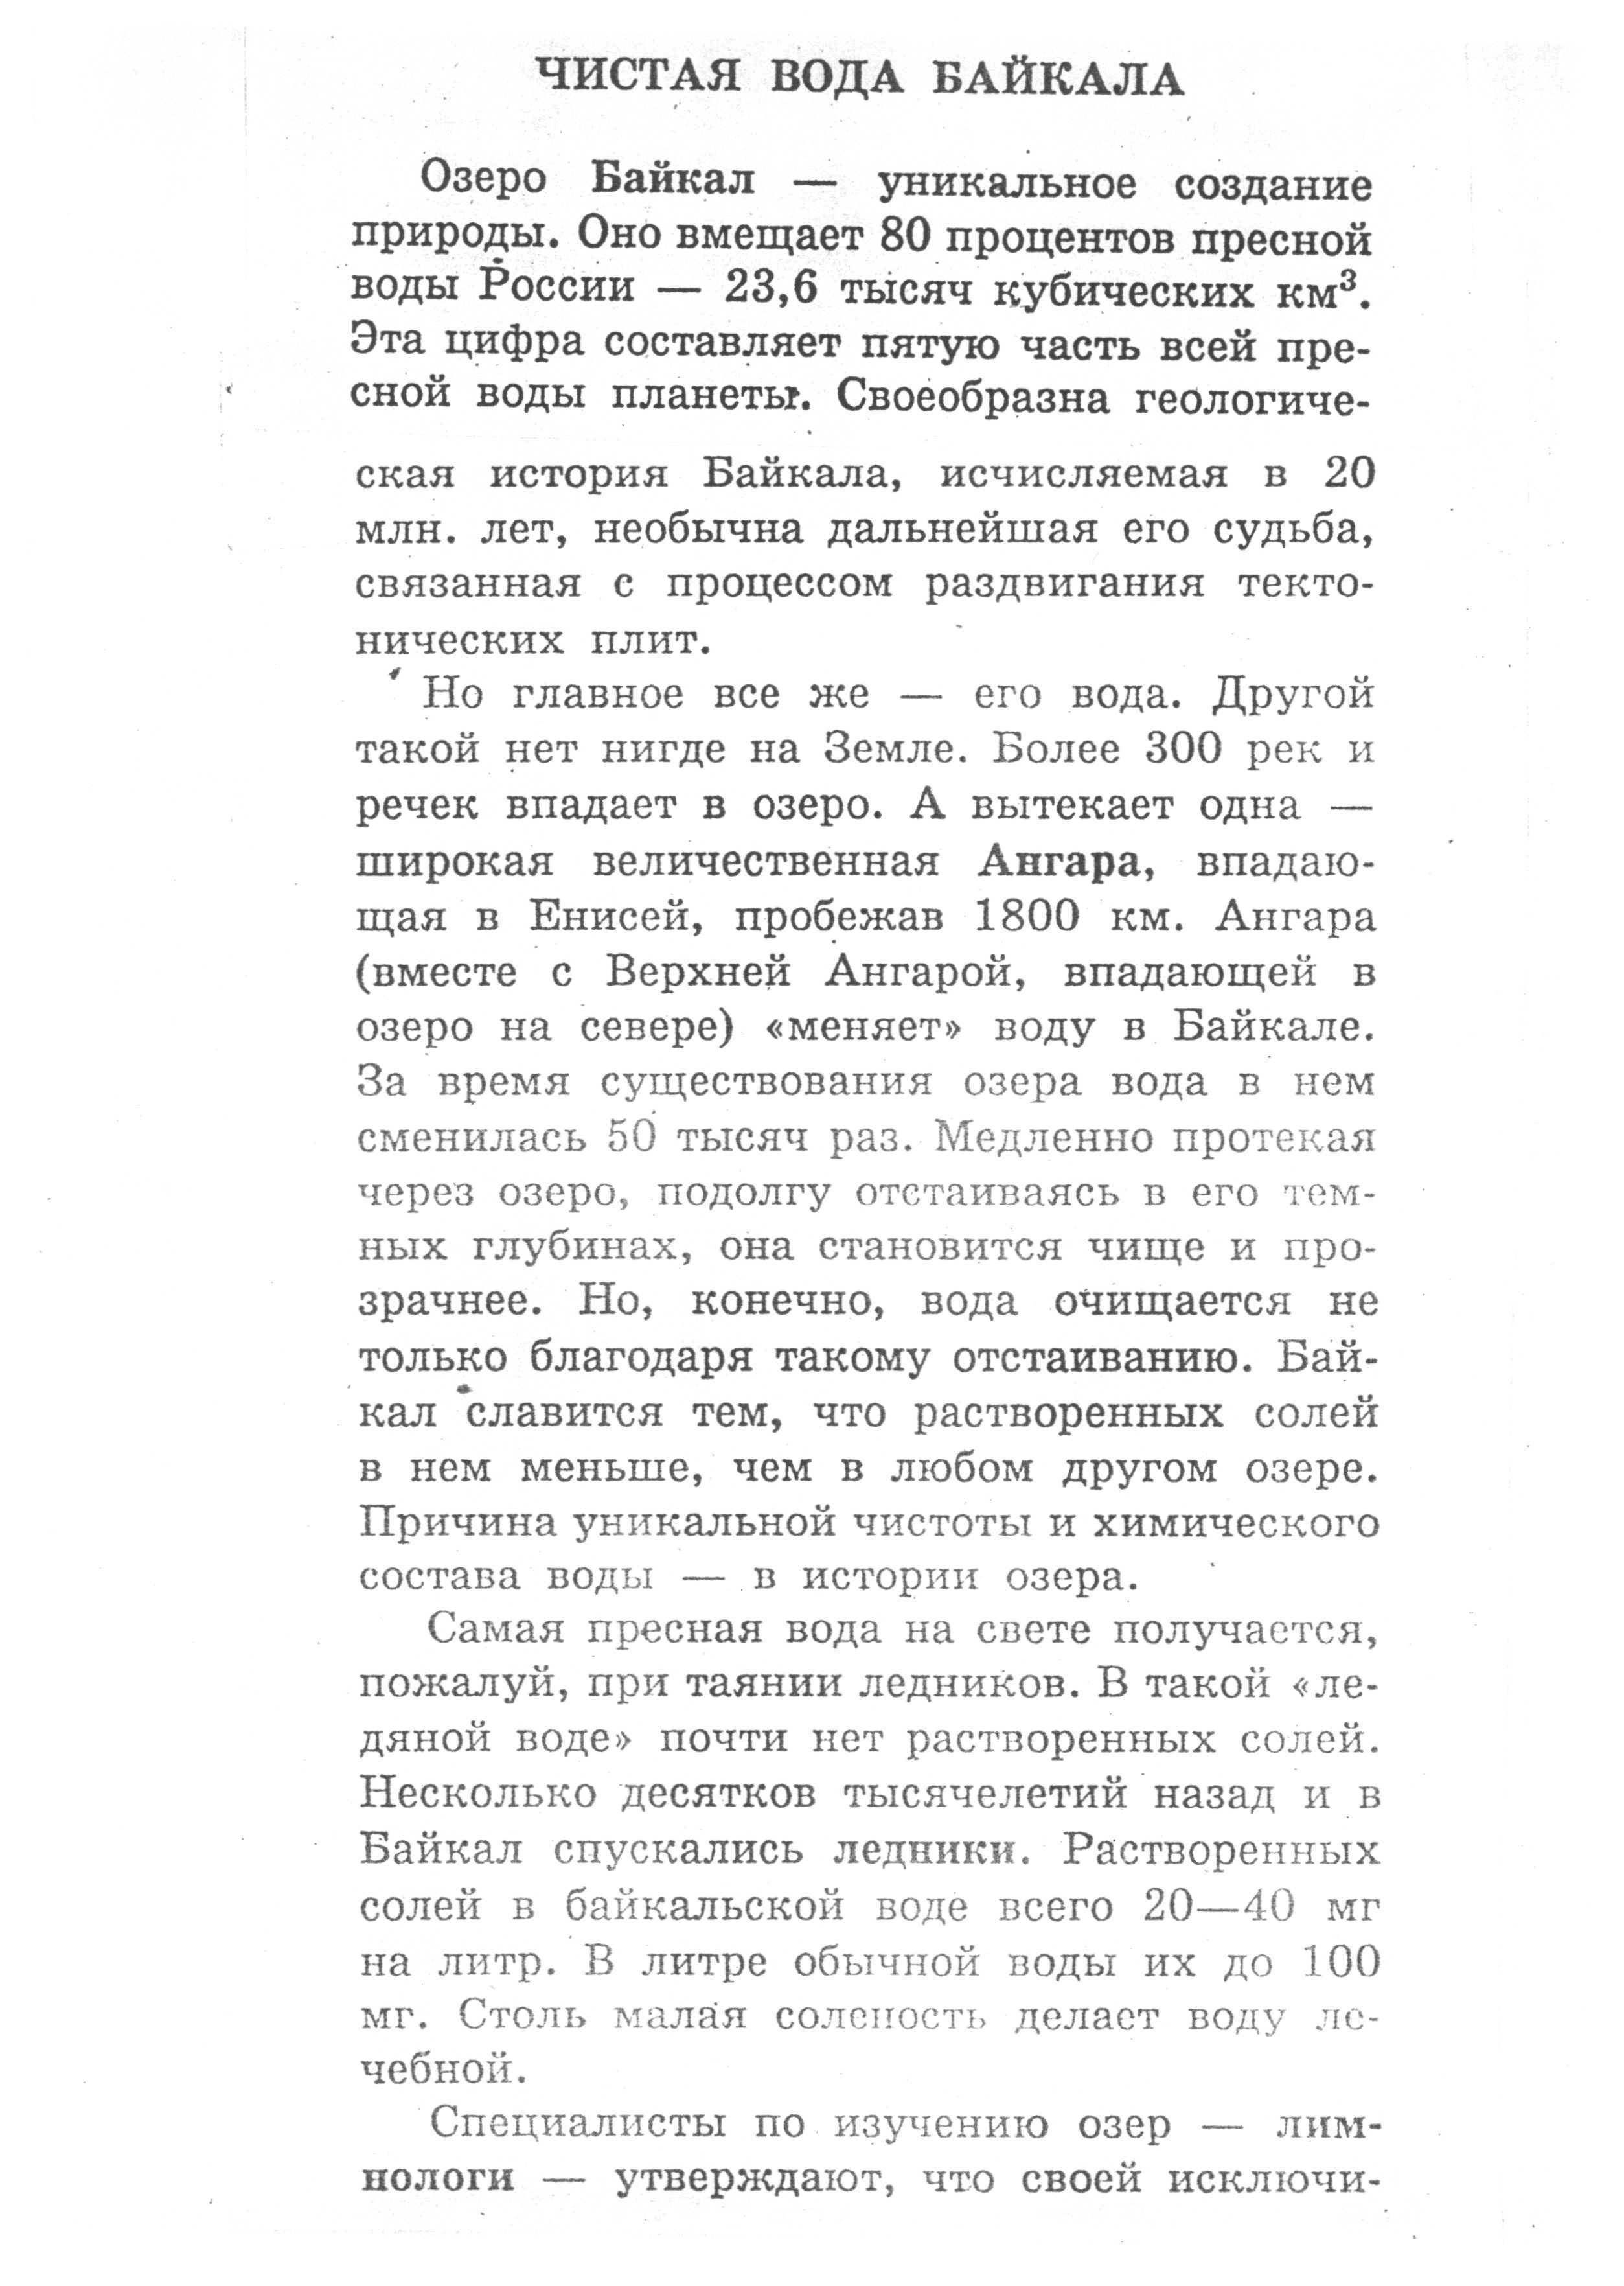 C:\Users\Галина\Documents\Отсканировано 01.03.2010 0-25_000.jpg